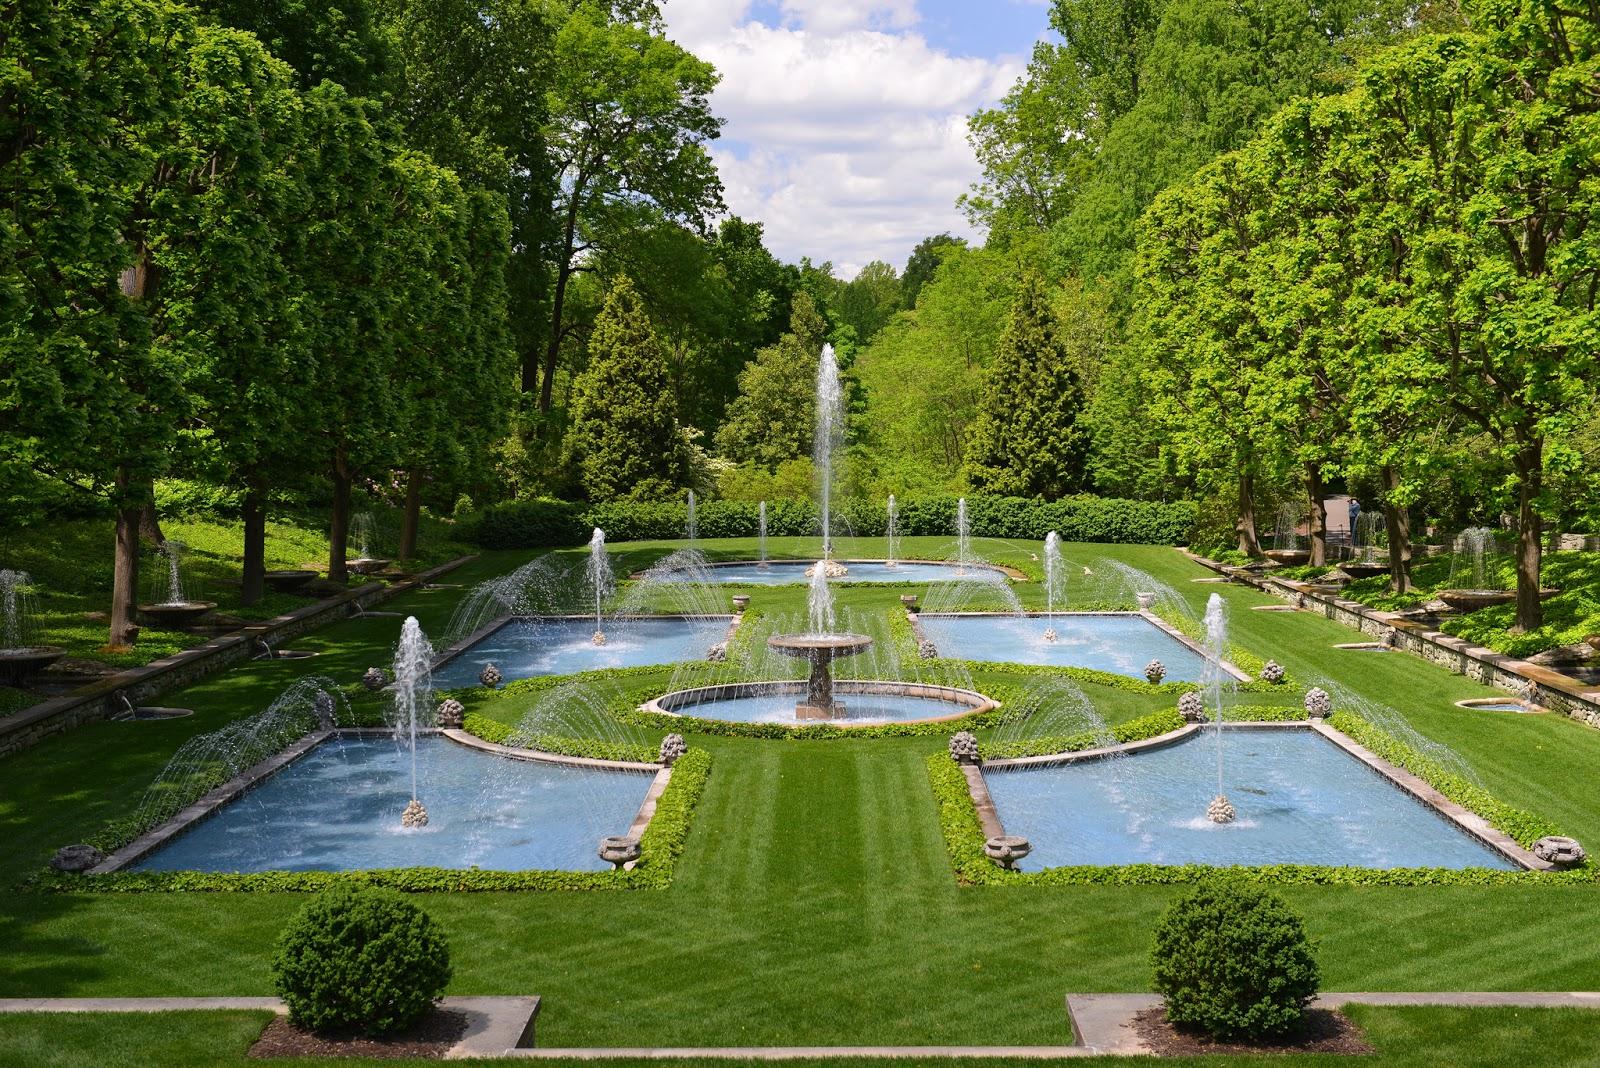 Turismo Cultura y Arte: Jardines y jardines , en todos esencia del ...